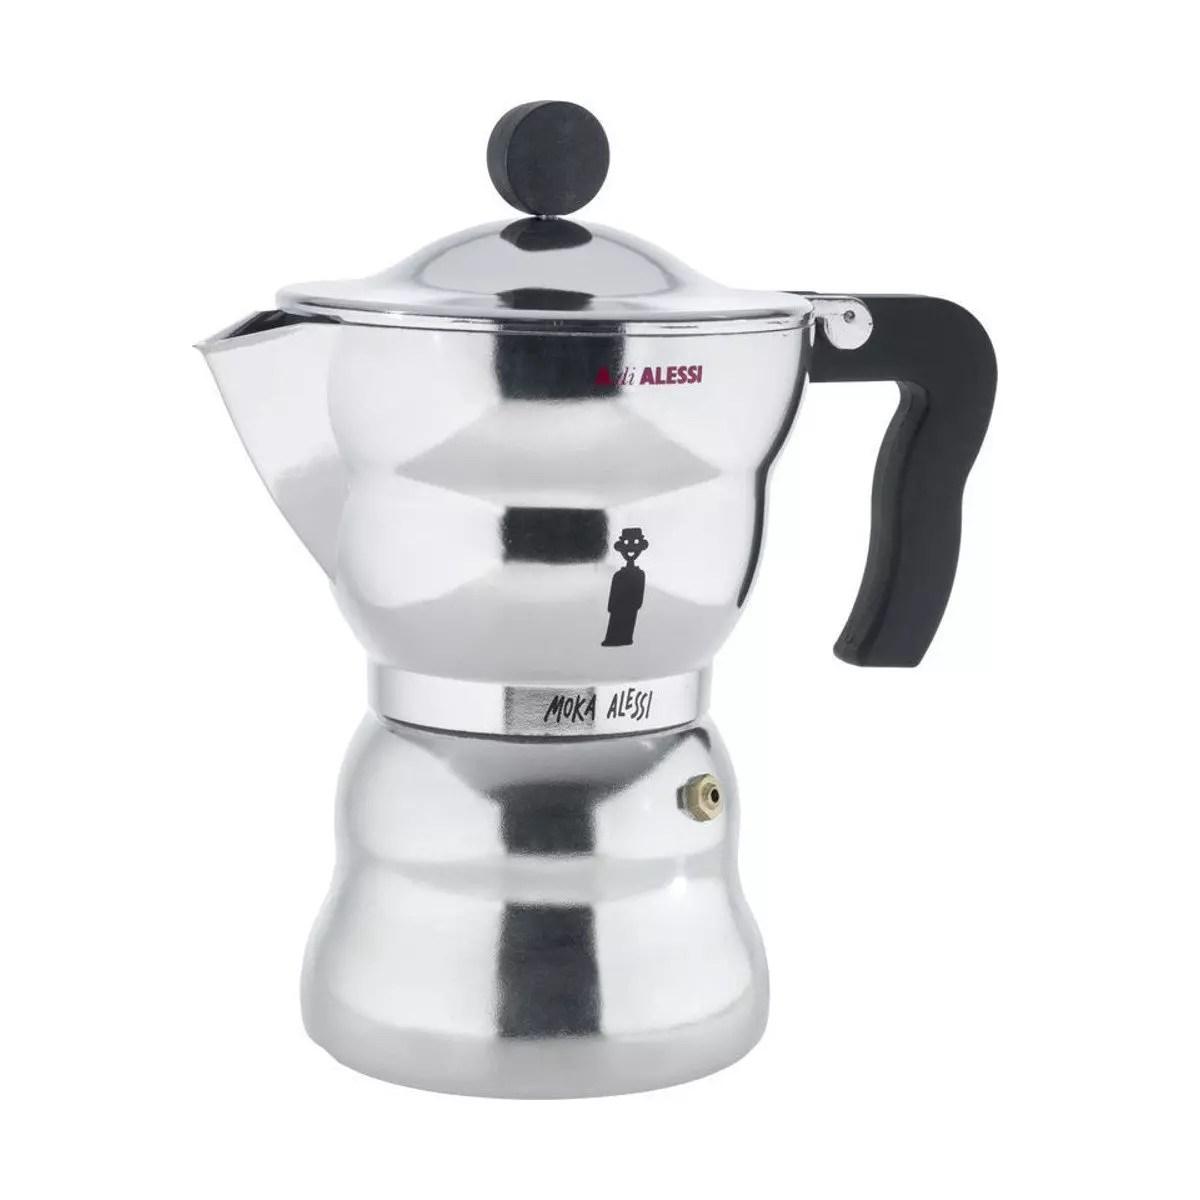 Le caffettiere che si possono usare sul piano a ... - Il Post